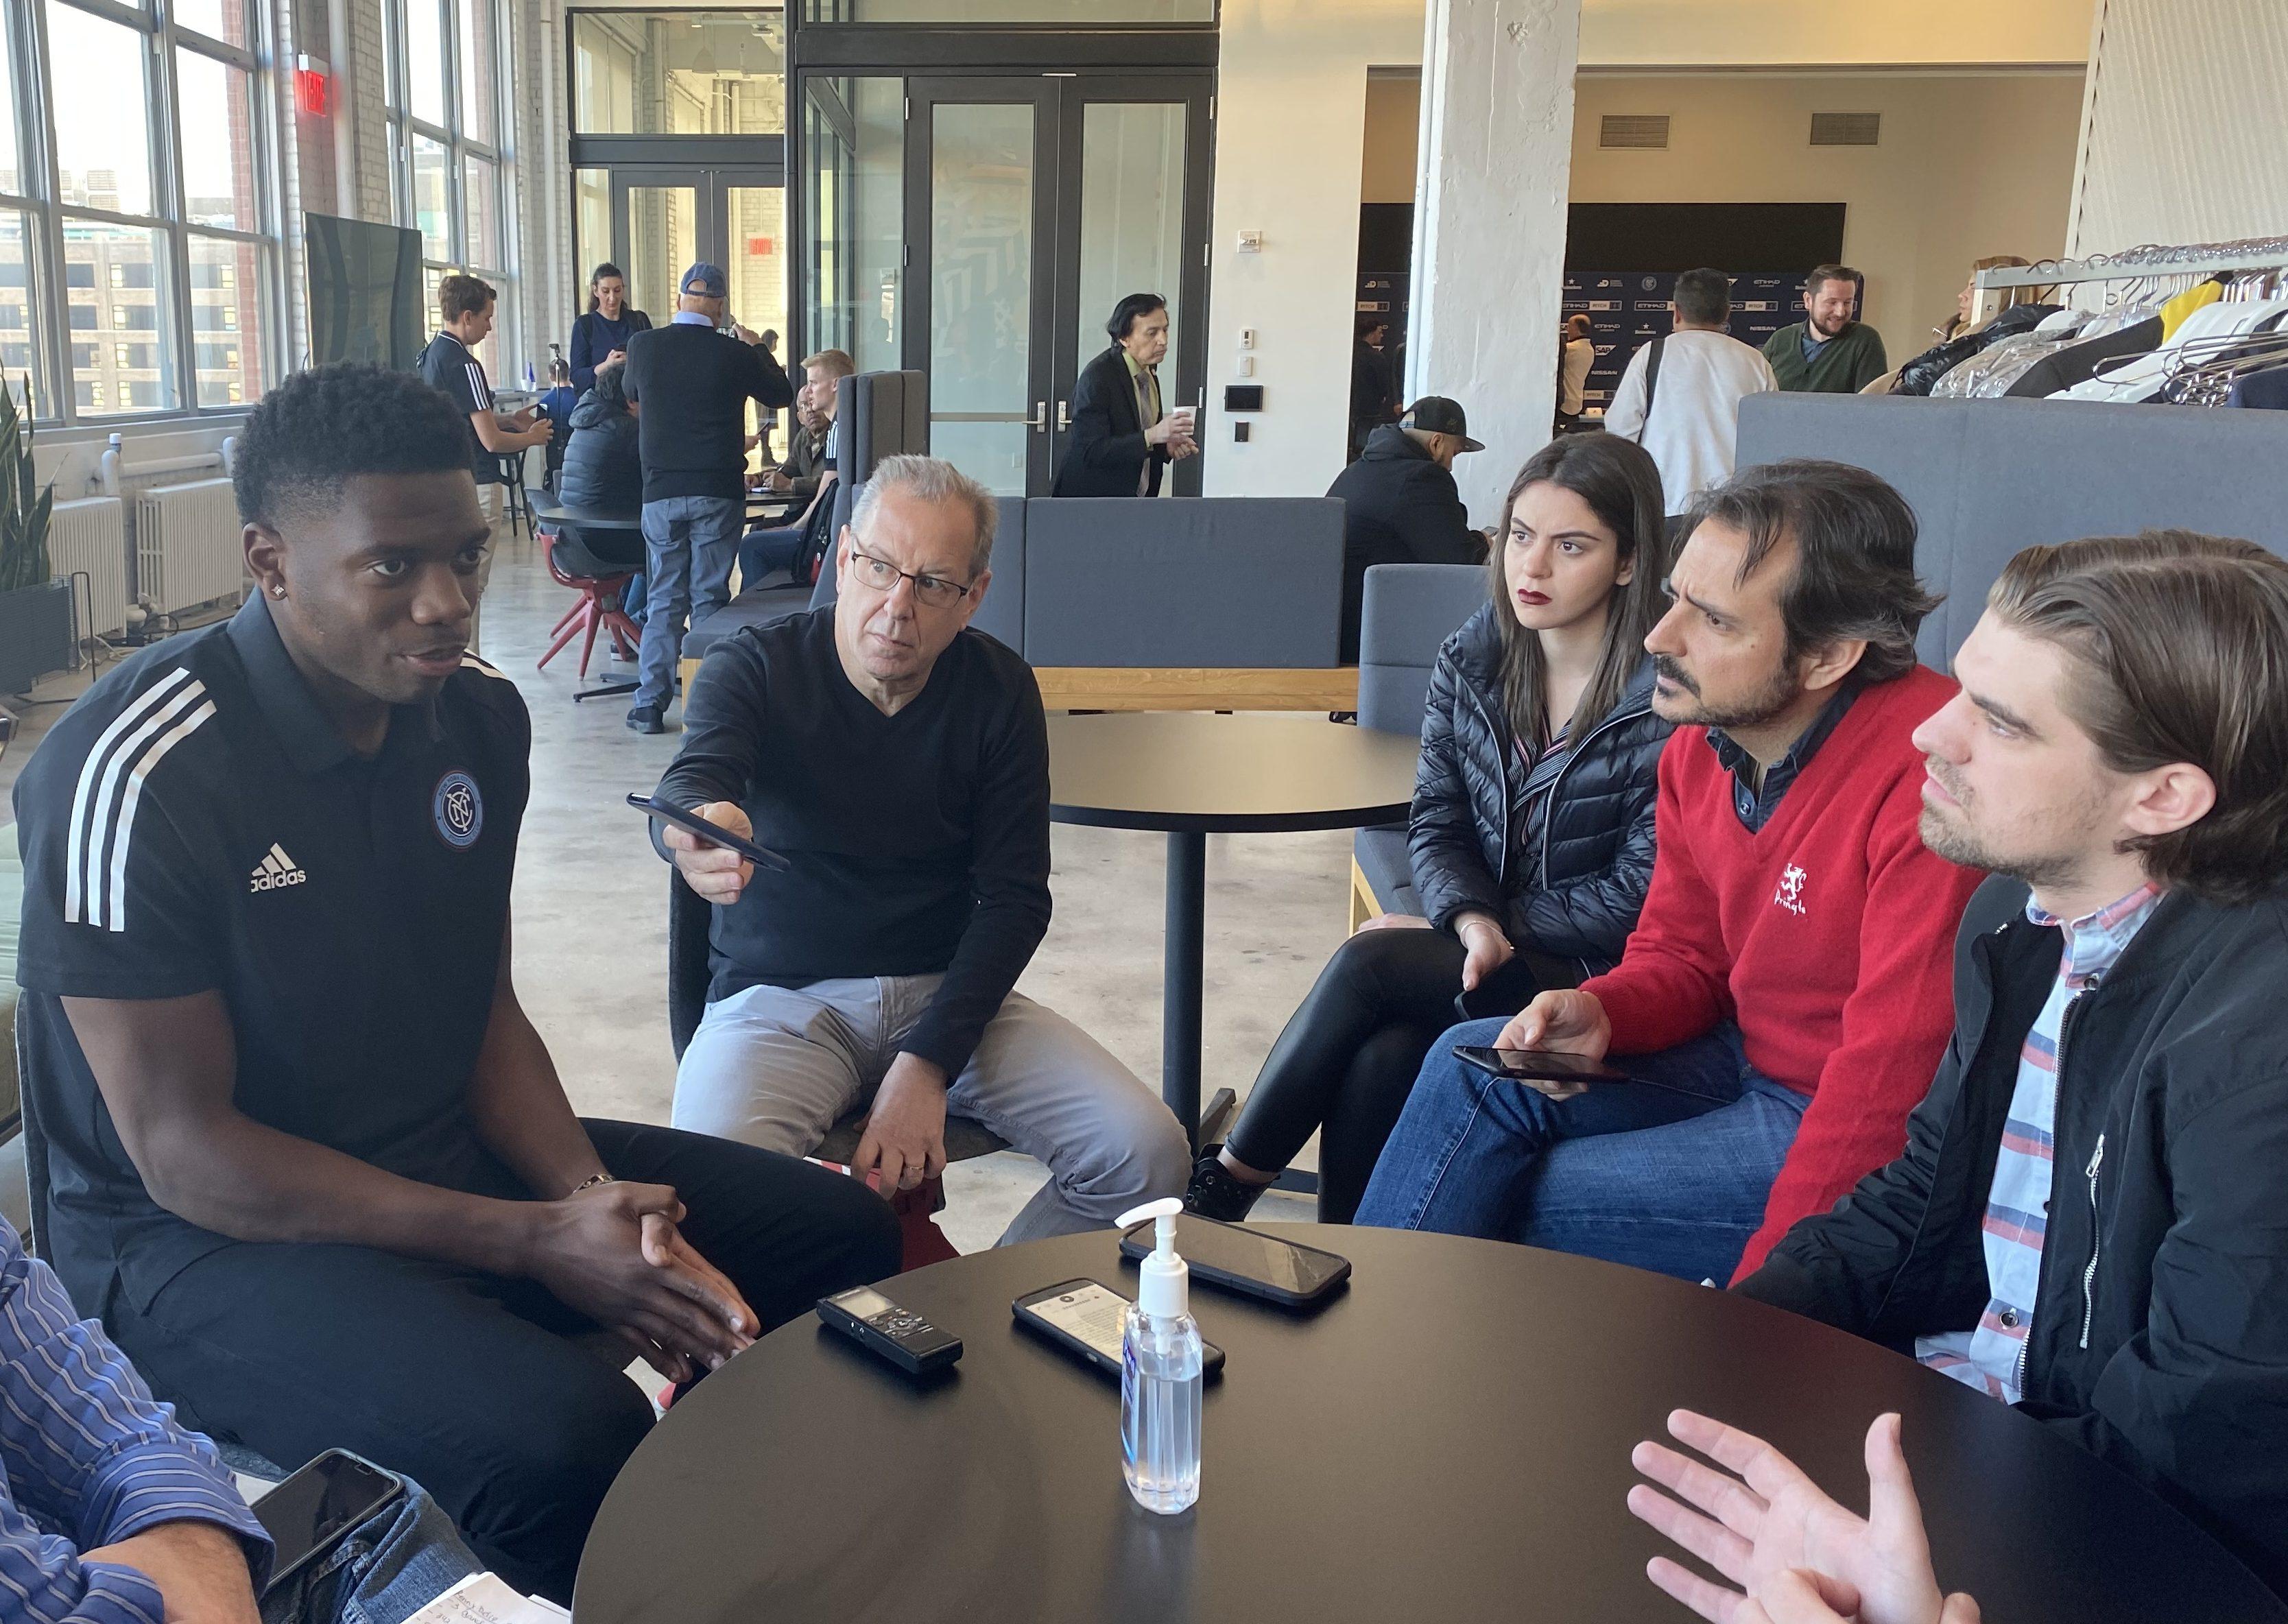 Sean Johnson, izq., en conversación con la prensa en Nueva York. / Foto: Jorge Fleytas, El Diario NY